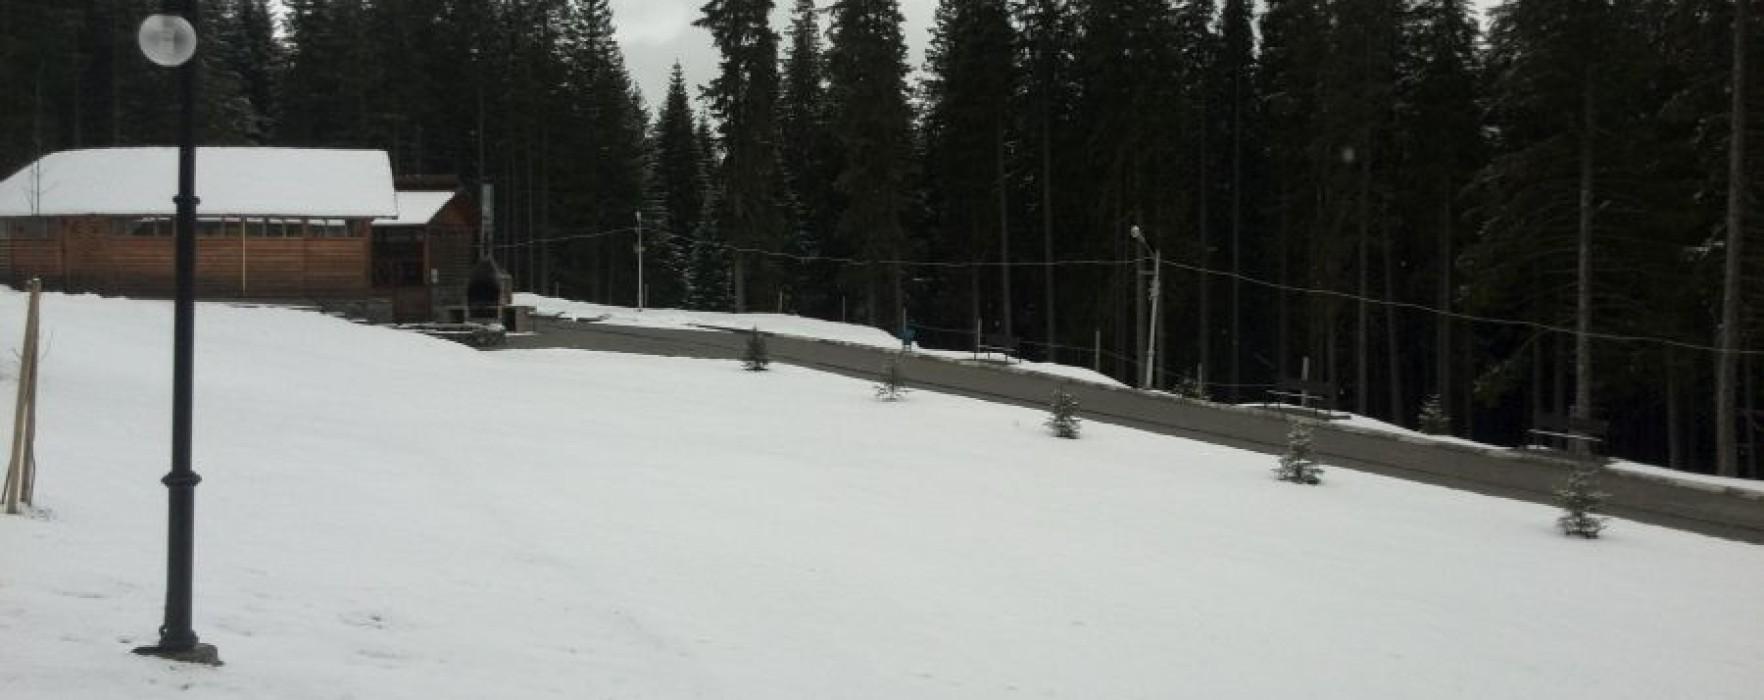 Ninge în zona montană a judeţului Dâmboviţa